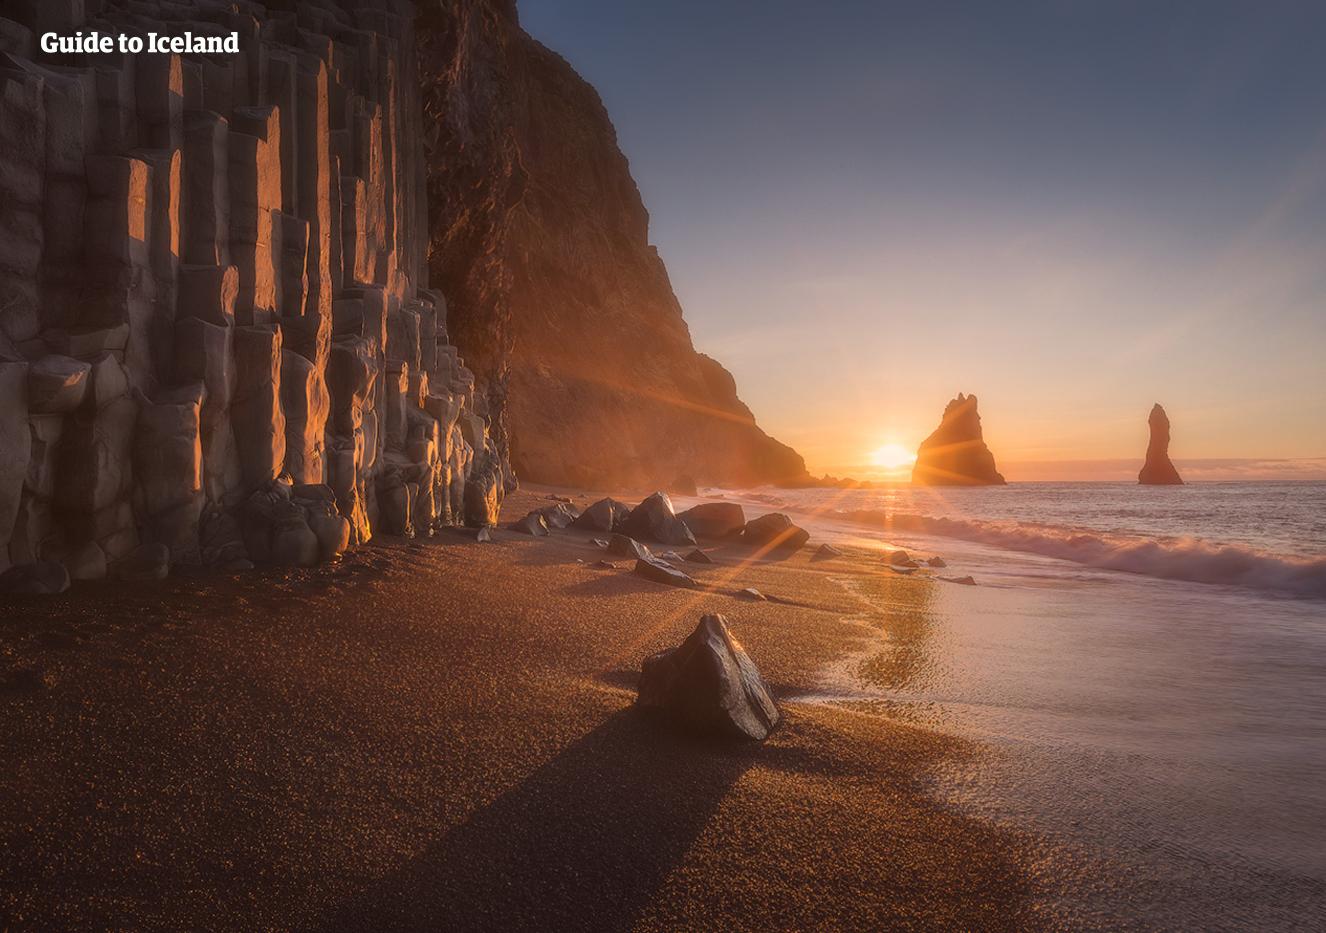 Słońce zachodzi na czarnej plaży Reynisfjara.